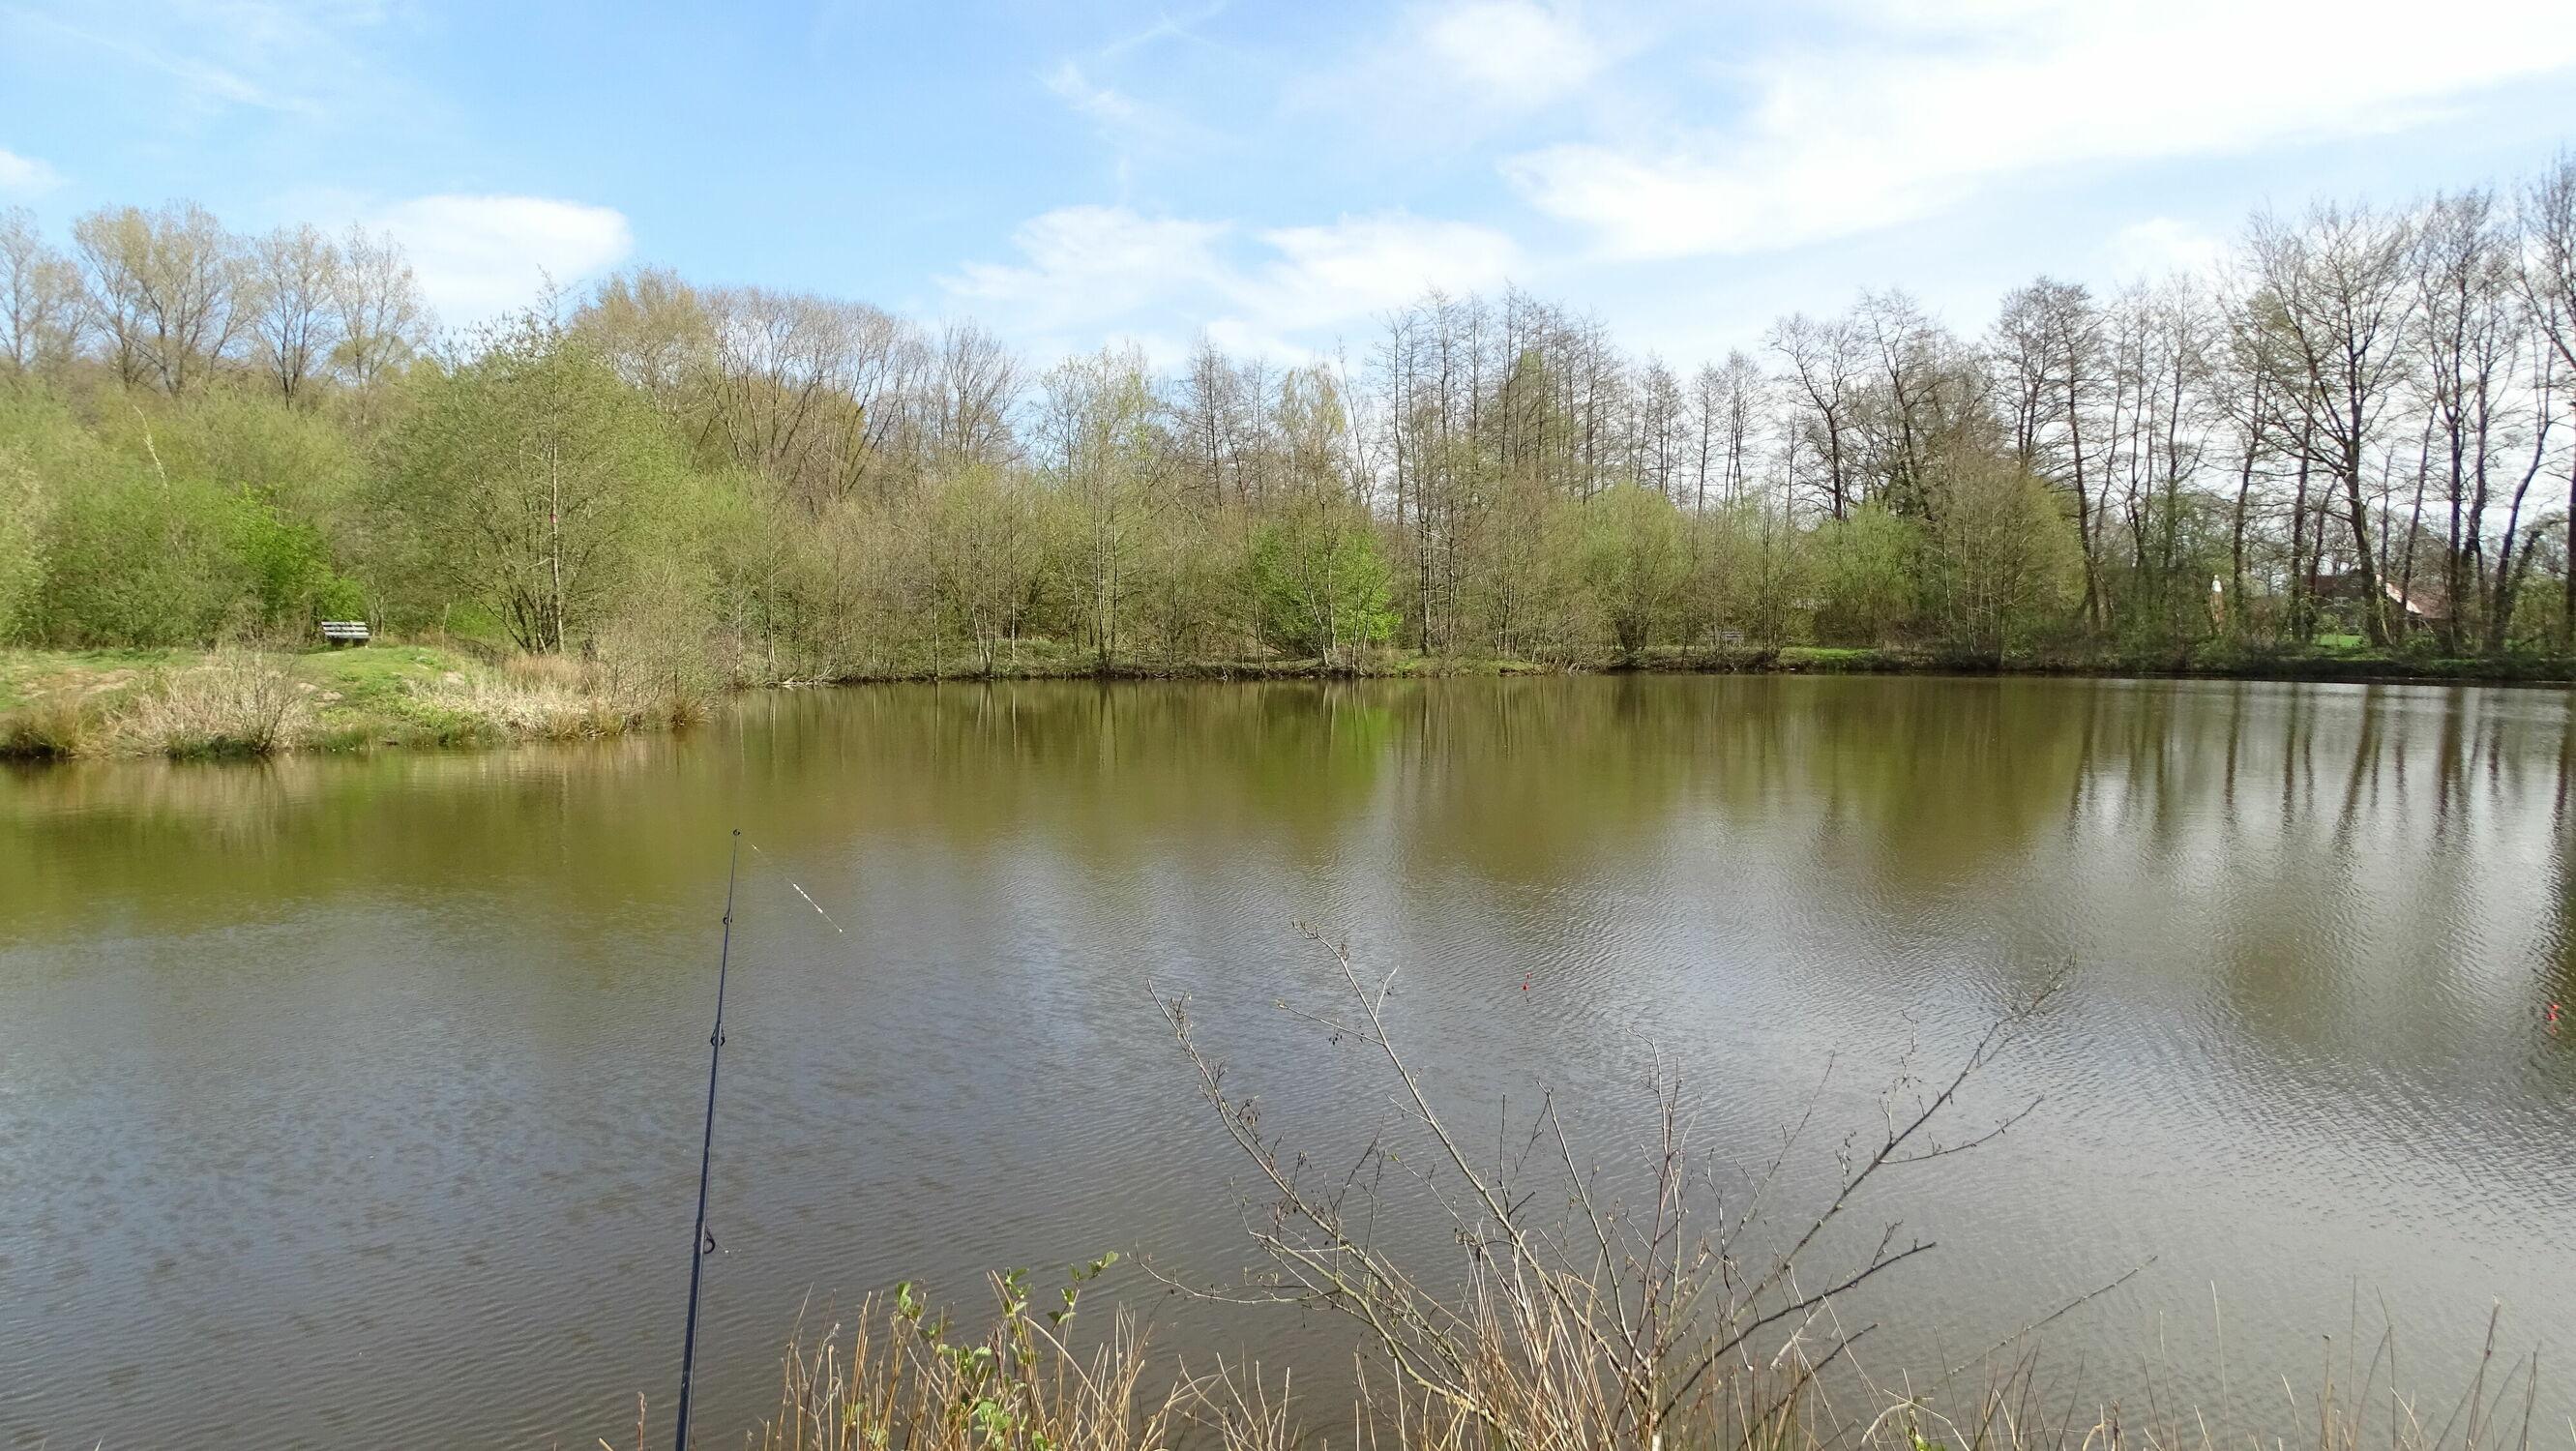 Bild mit Gräser, Bäume, Seen